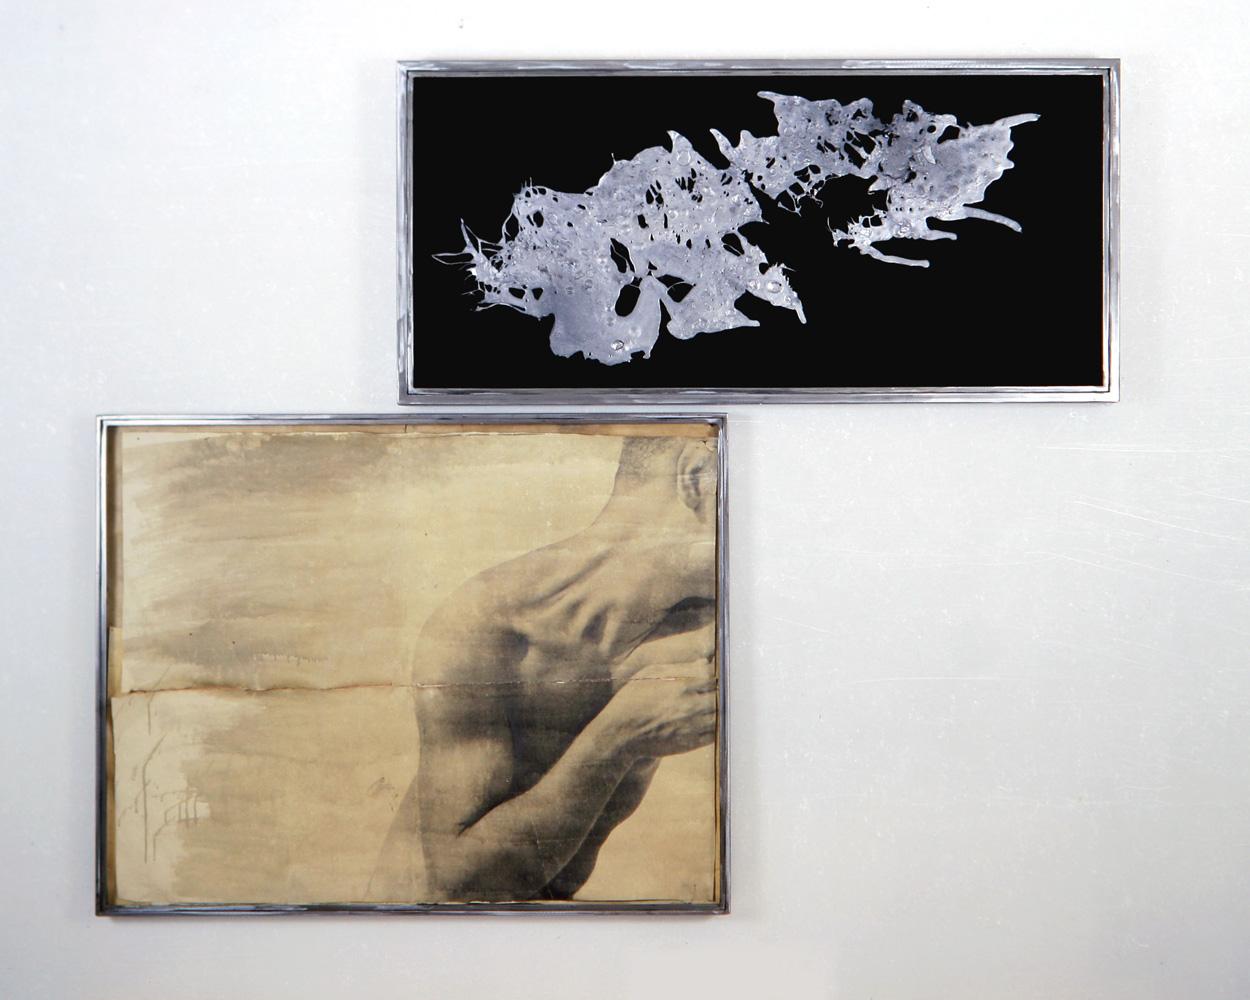 Senza titolo, 1992  Emulsione fotografica su carta, piombo, velluto, ferro, vetro  cm. 160 x 195